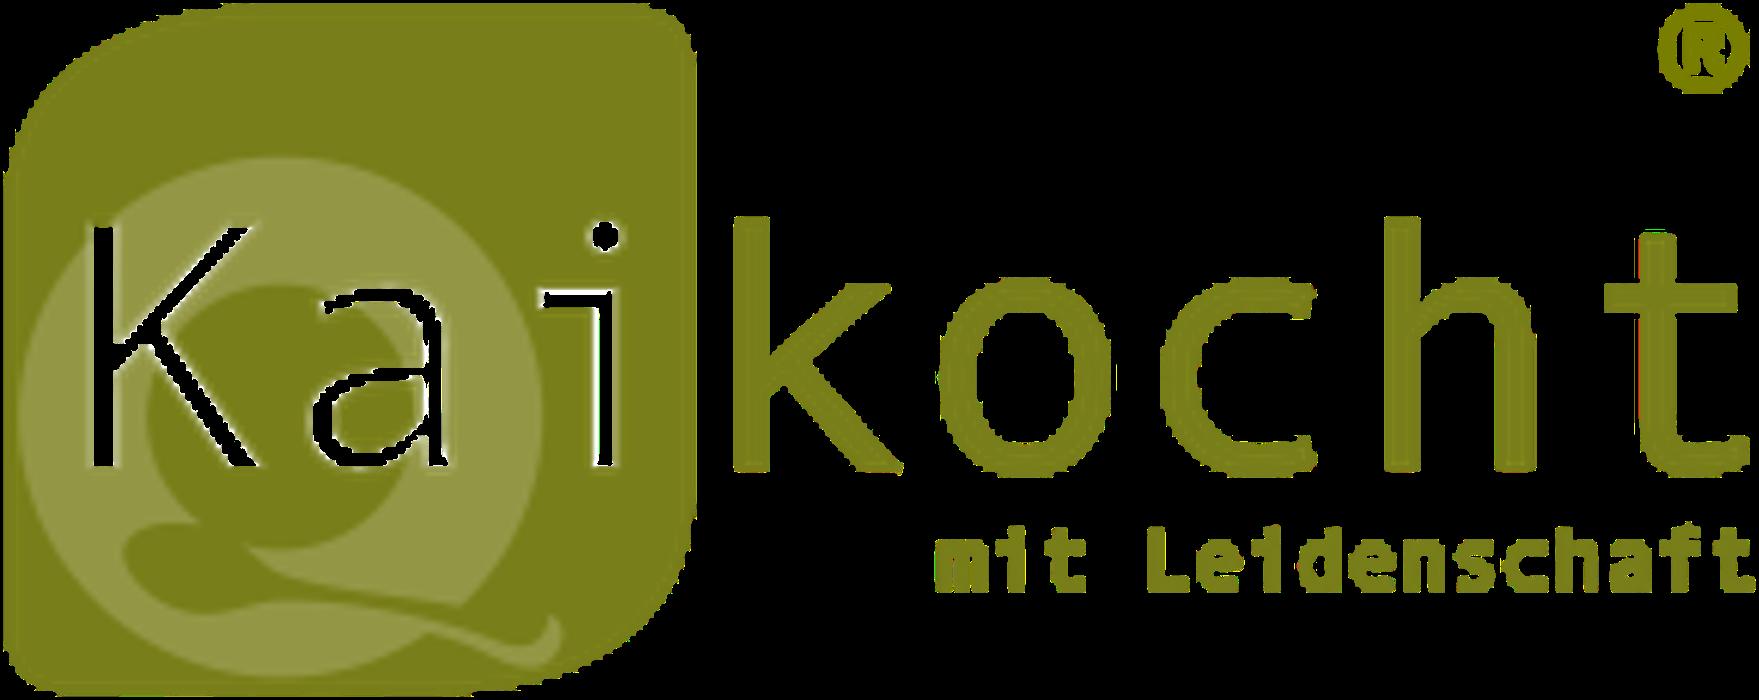 Bild zu Kaikocht mit Leidenschaft GmbH in Sinsheim